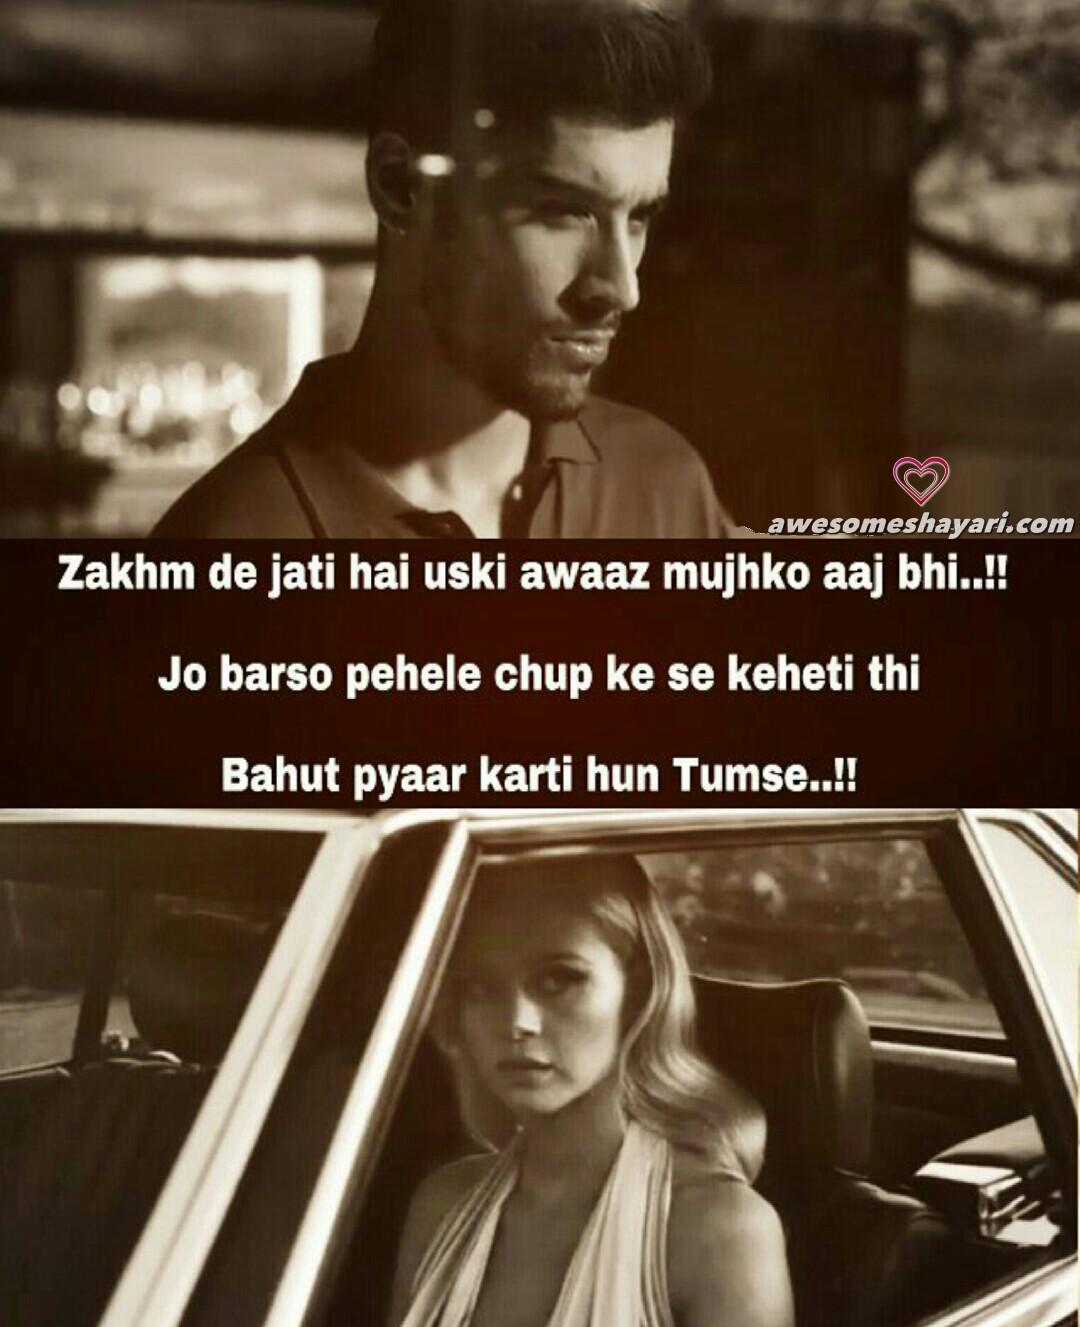 zakhm shayari, pyaar shayari, sad shayari for boys